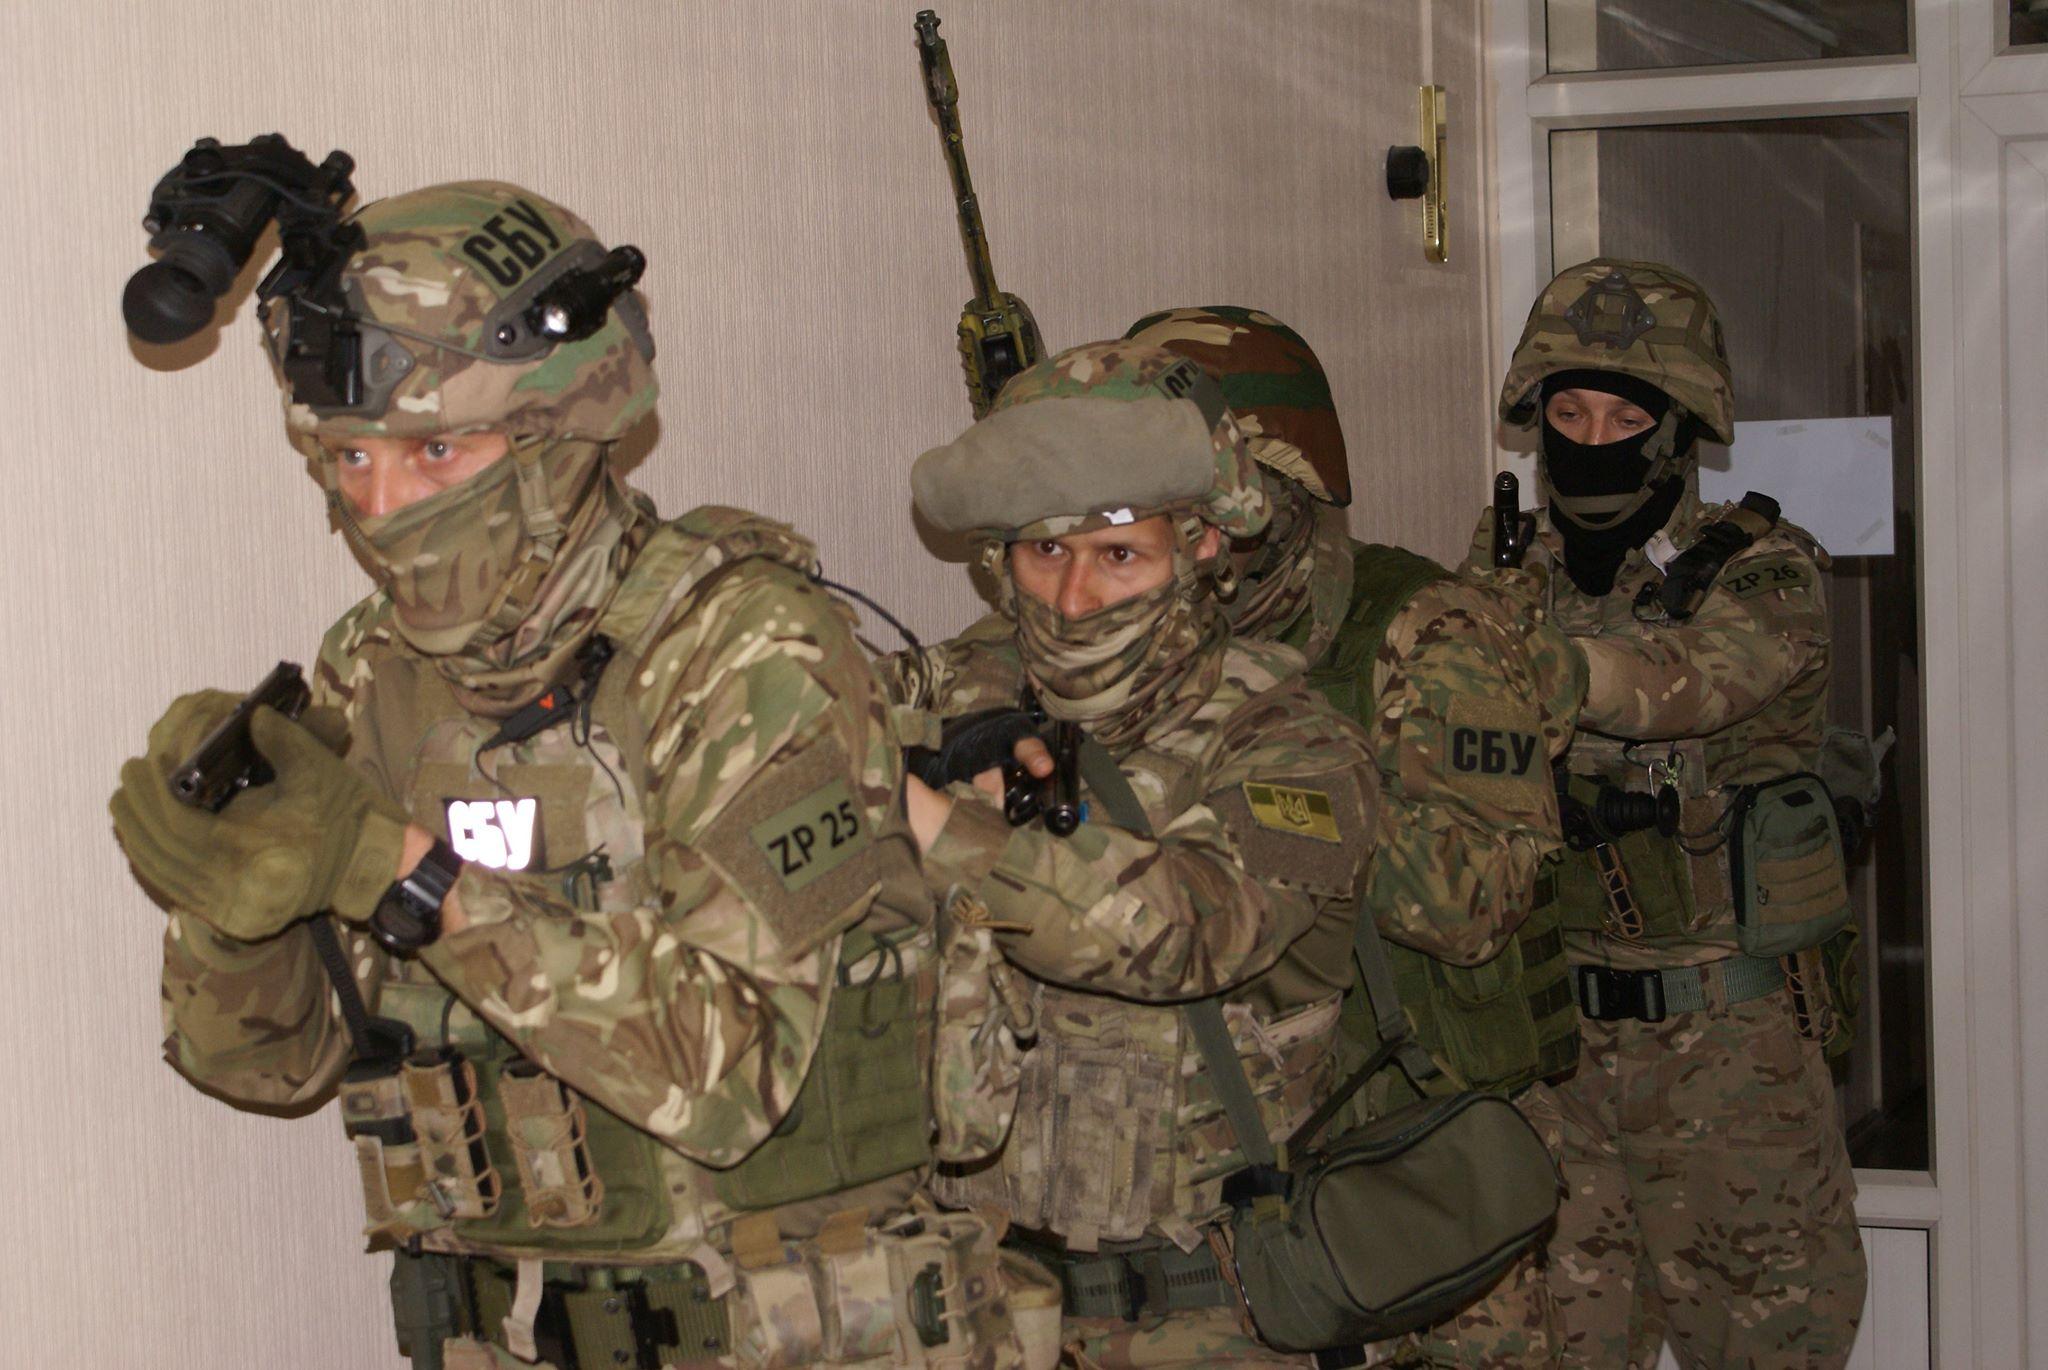 В Запорожье сотрудники СБУ предотвратили «диверсию» в одной из воинских частей - ФОТО